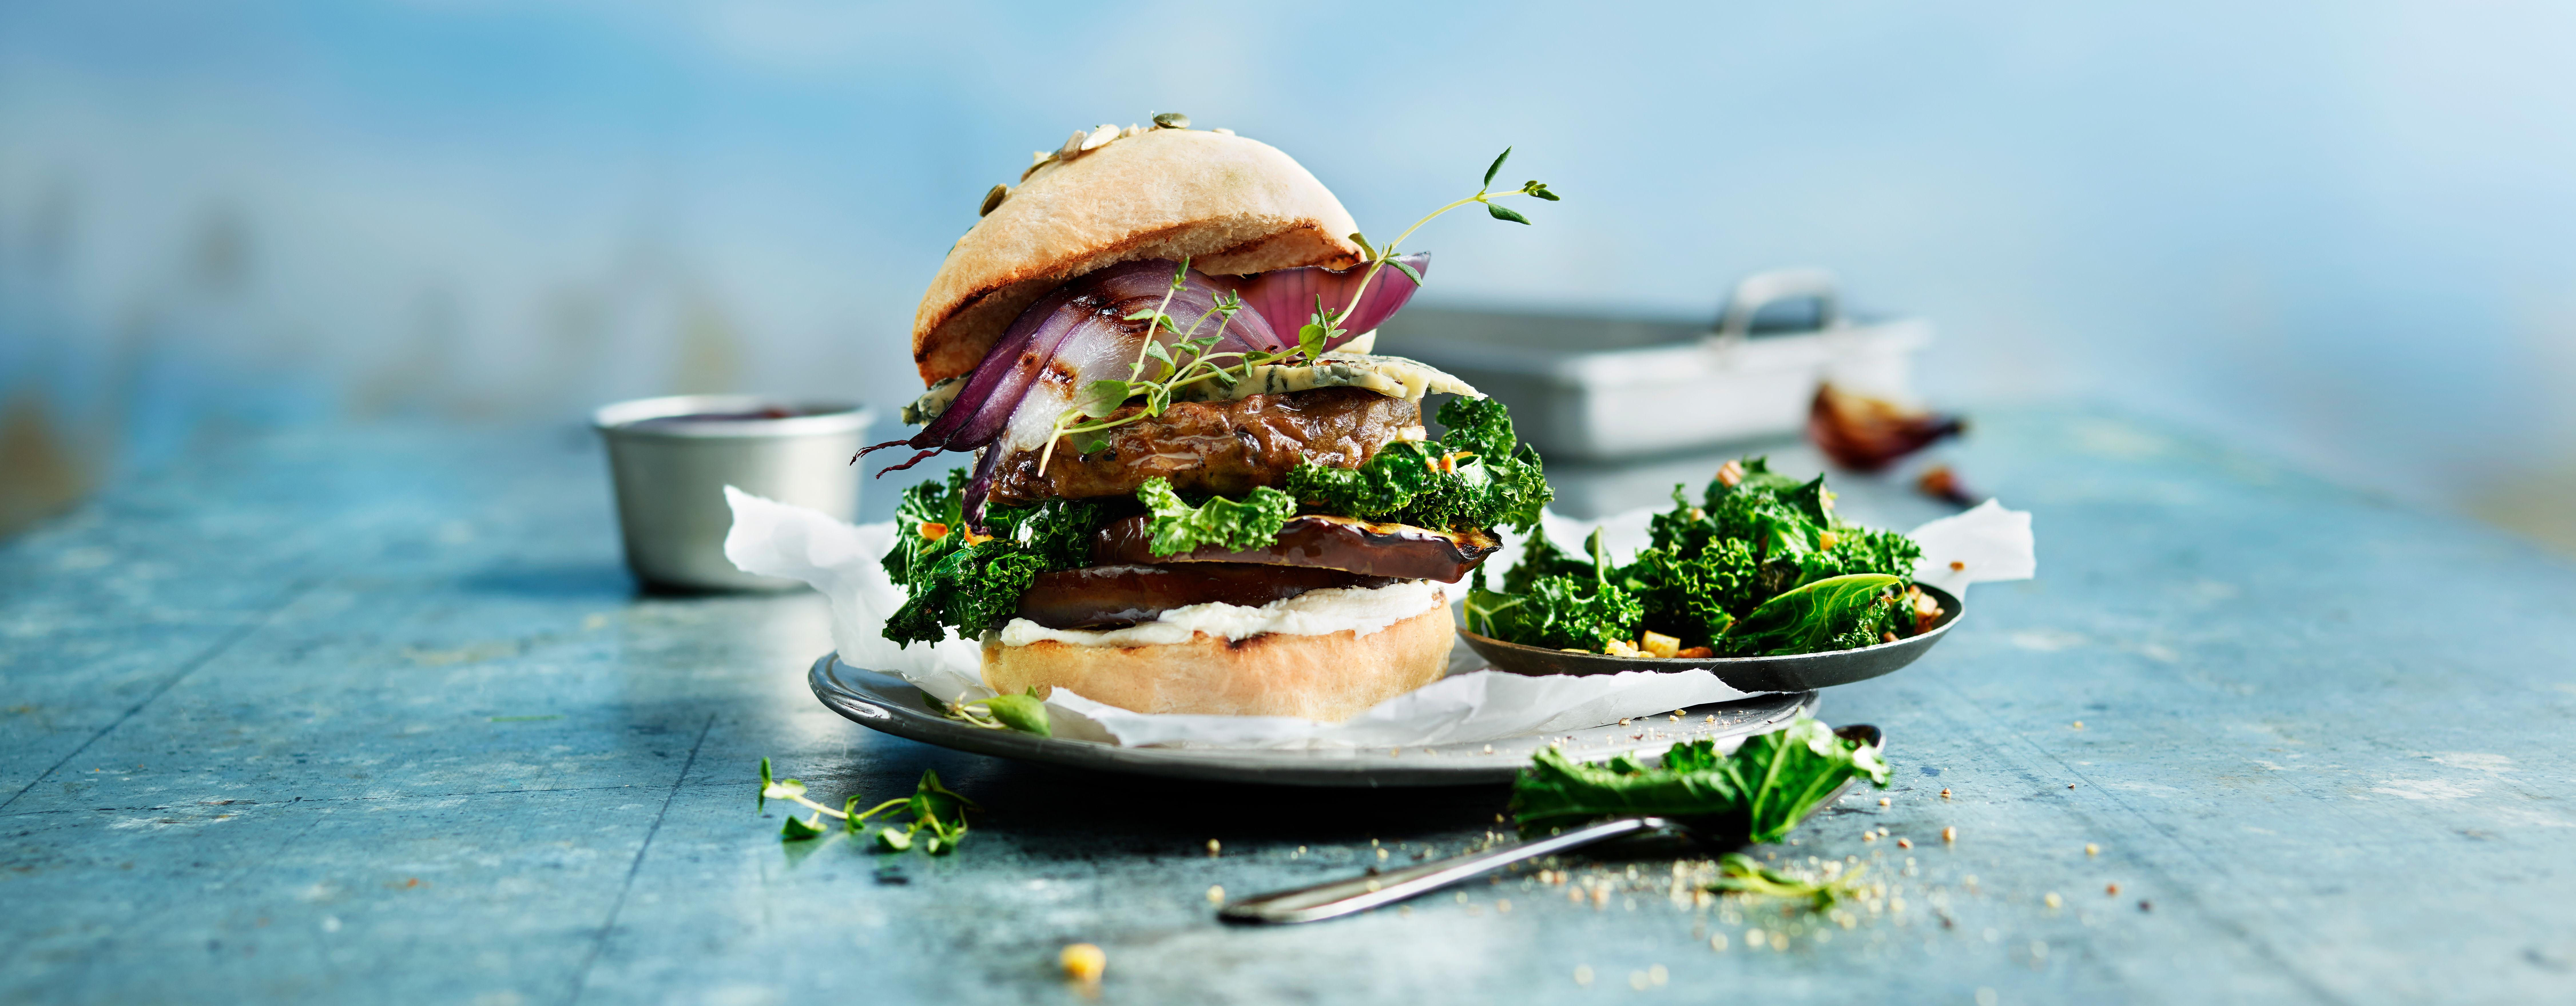 Våre vegetarburgere med sopp og timian smaker skikkelig godt sammen med en amerikansk BBQ-saus, blant annet.